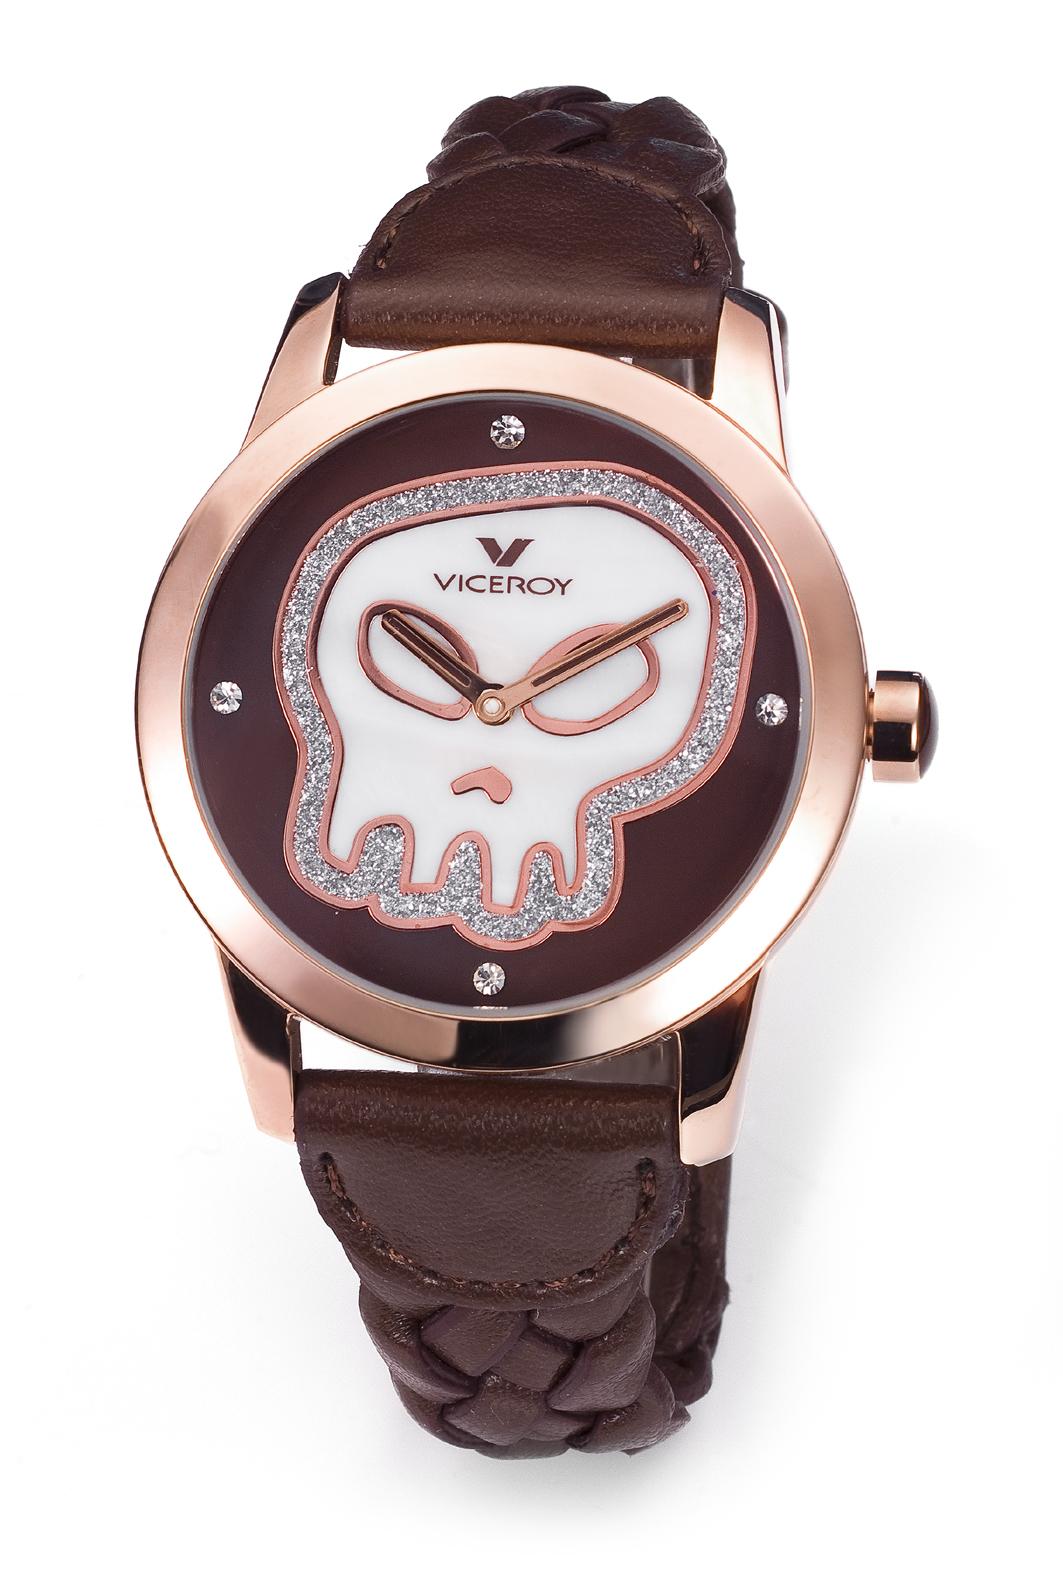 Viceroy Skulls, calaveras para la nueva colección de relojes